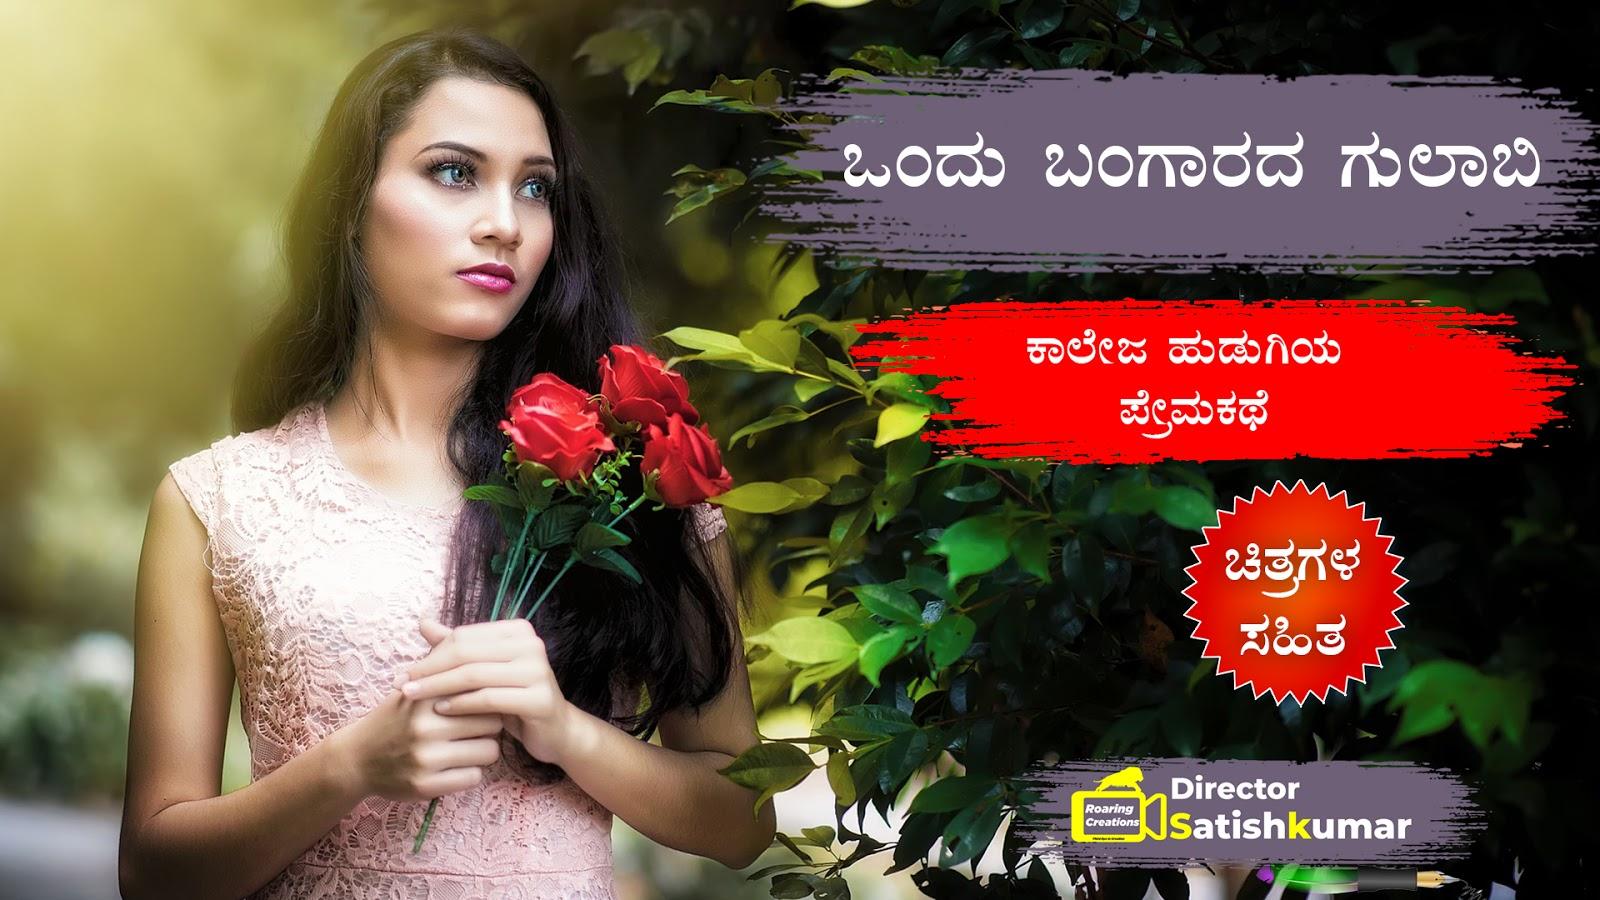 ಒಂದು ಬಂಗಾರದ ಗುಲಾಬಿ - ಕಾಲೇಜ ಹುಡುಗಿಯ ಪ್ರೇಮಕಥೆ   One Golden Rose - Love Story of Indian College Girl in Kannada